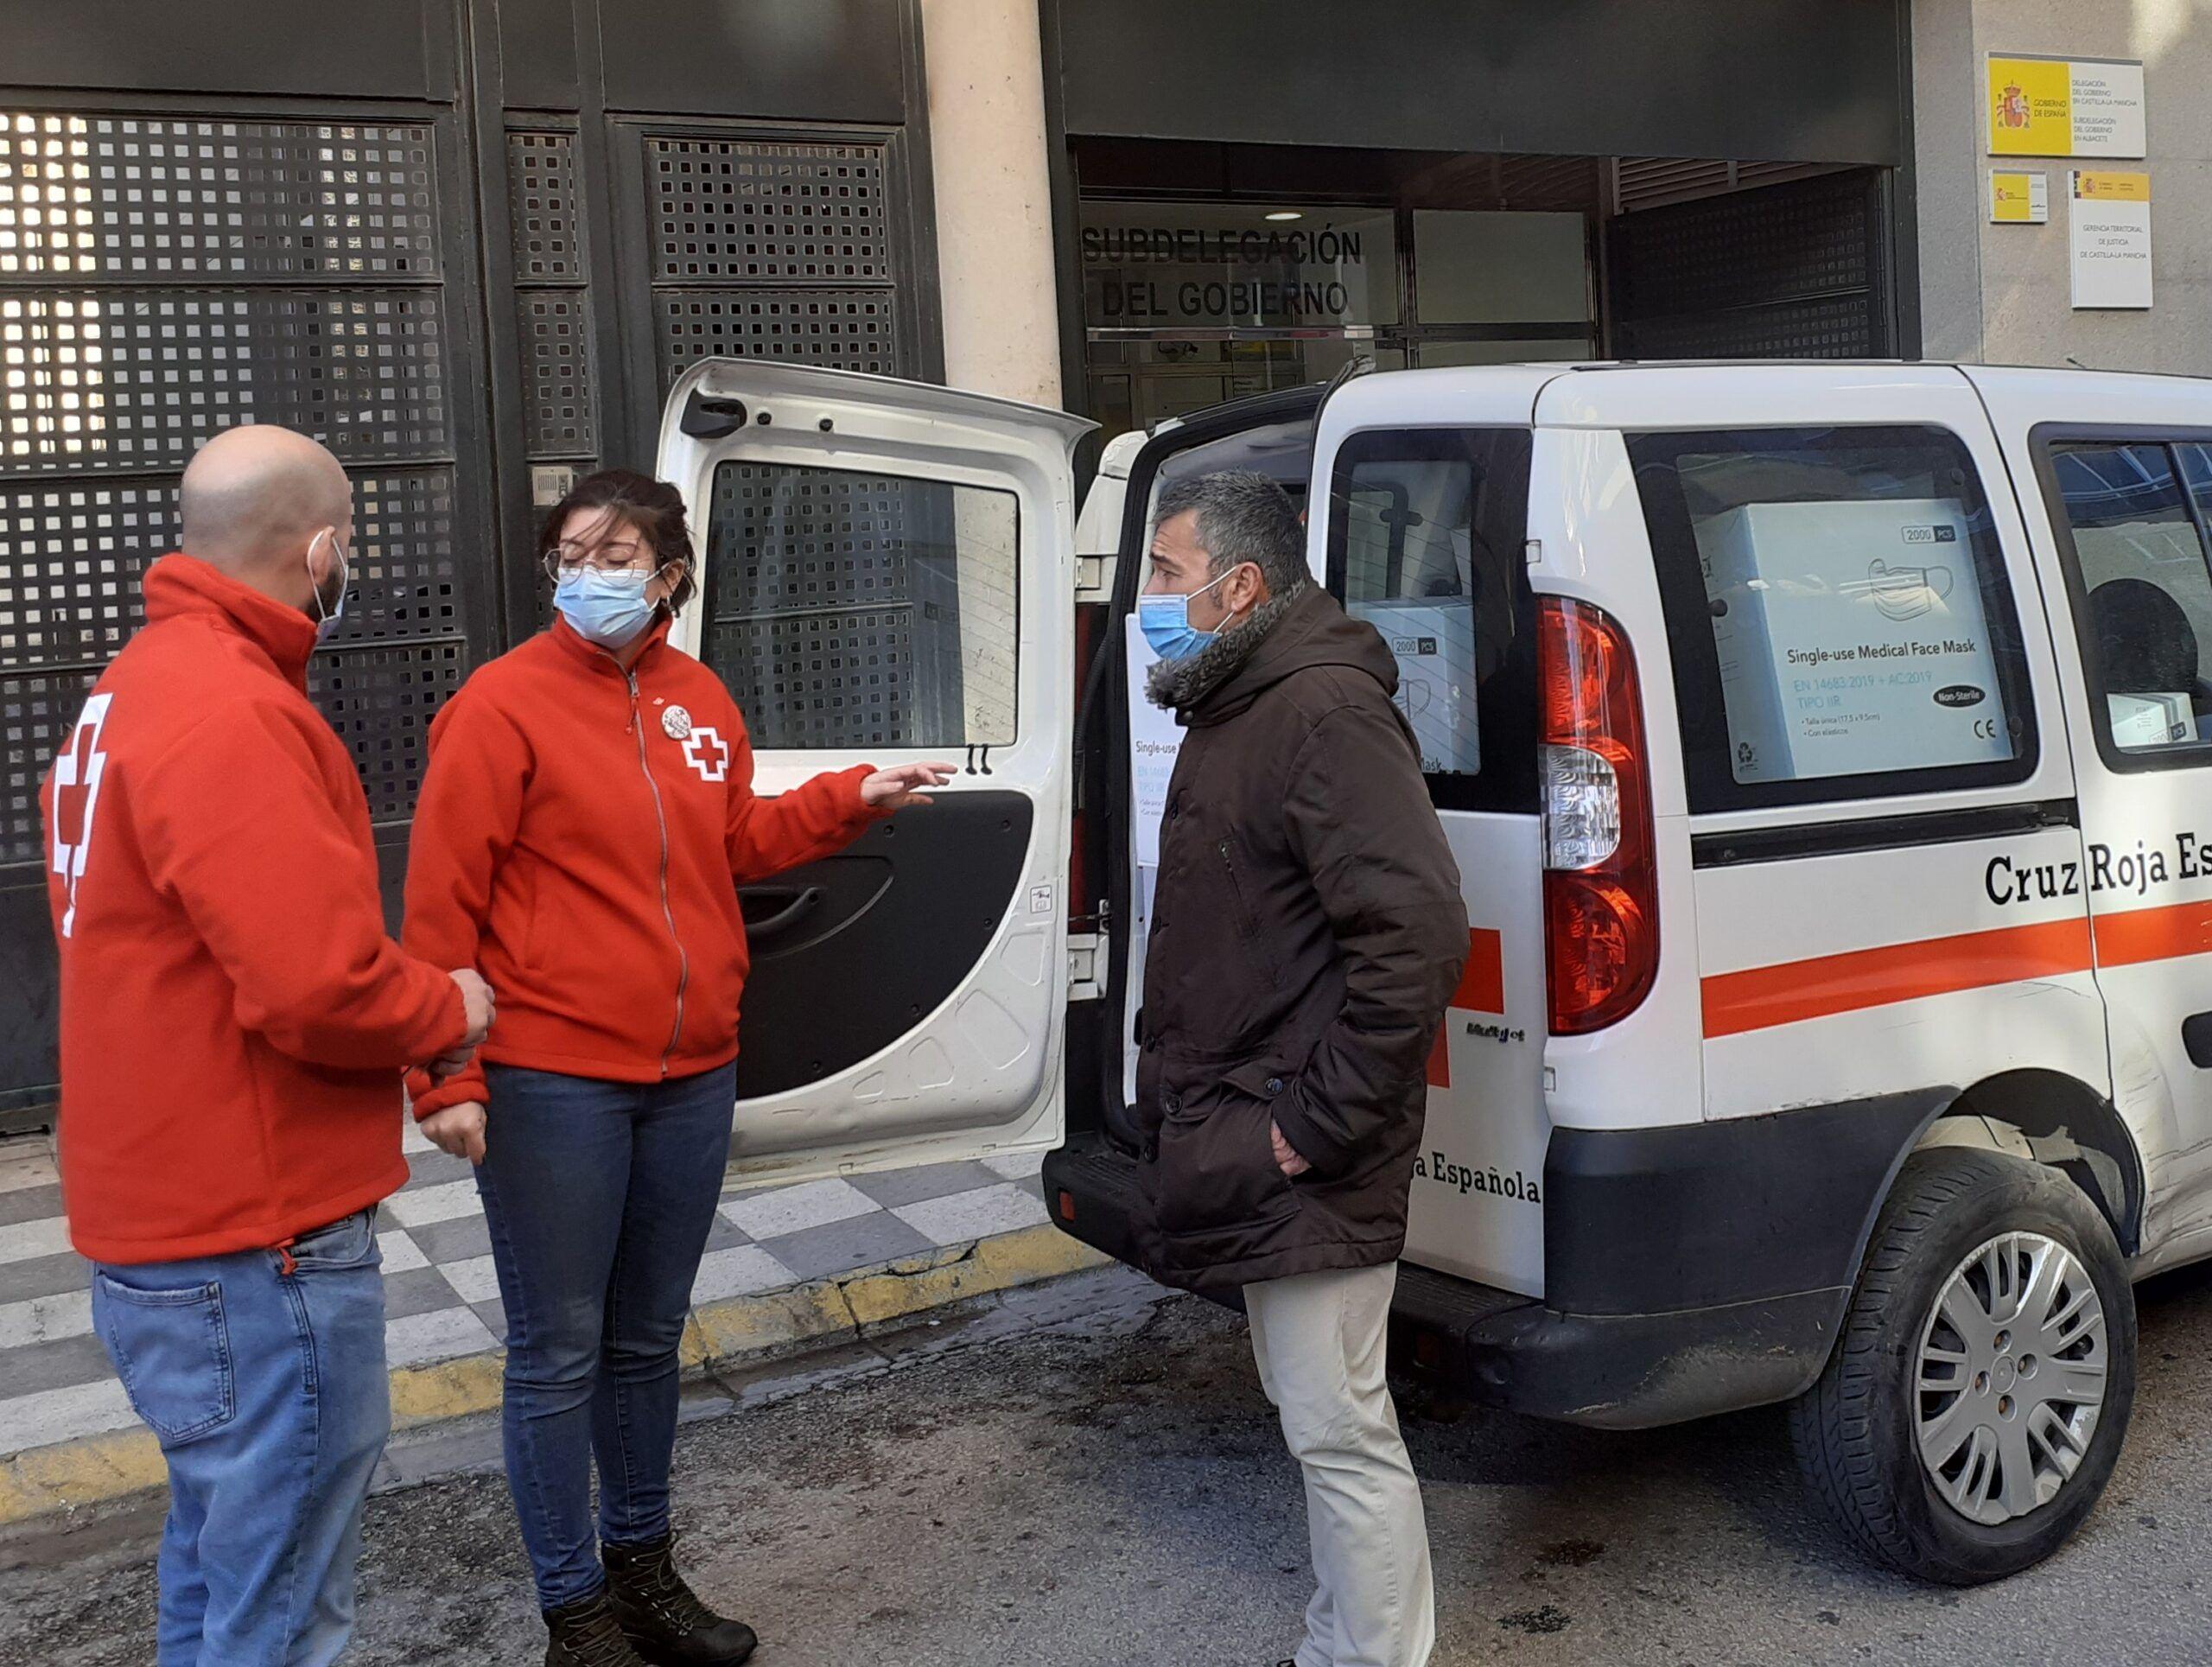 La Subdelegación del Gobierno comienza un nuevo reparto de 98.000 mascarillas de protección frente al Covid a entidades locales y sociales